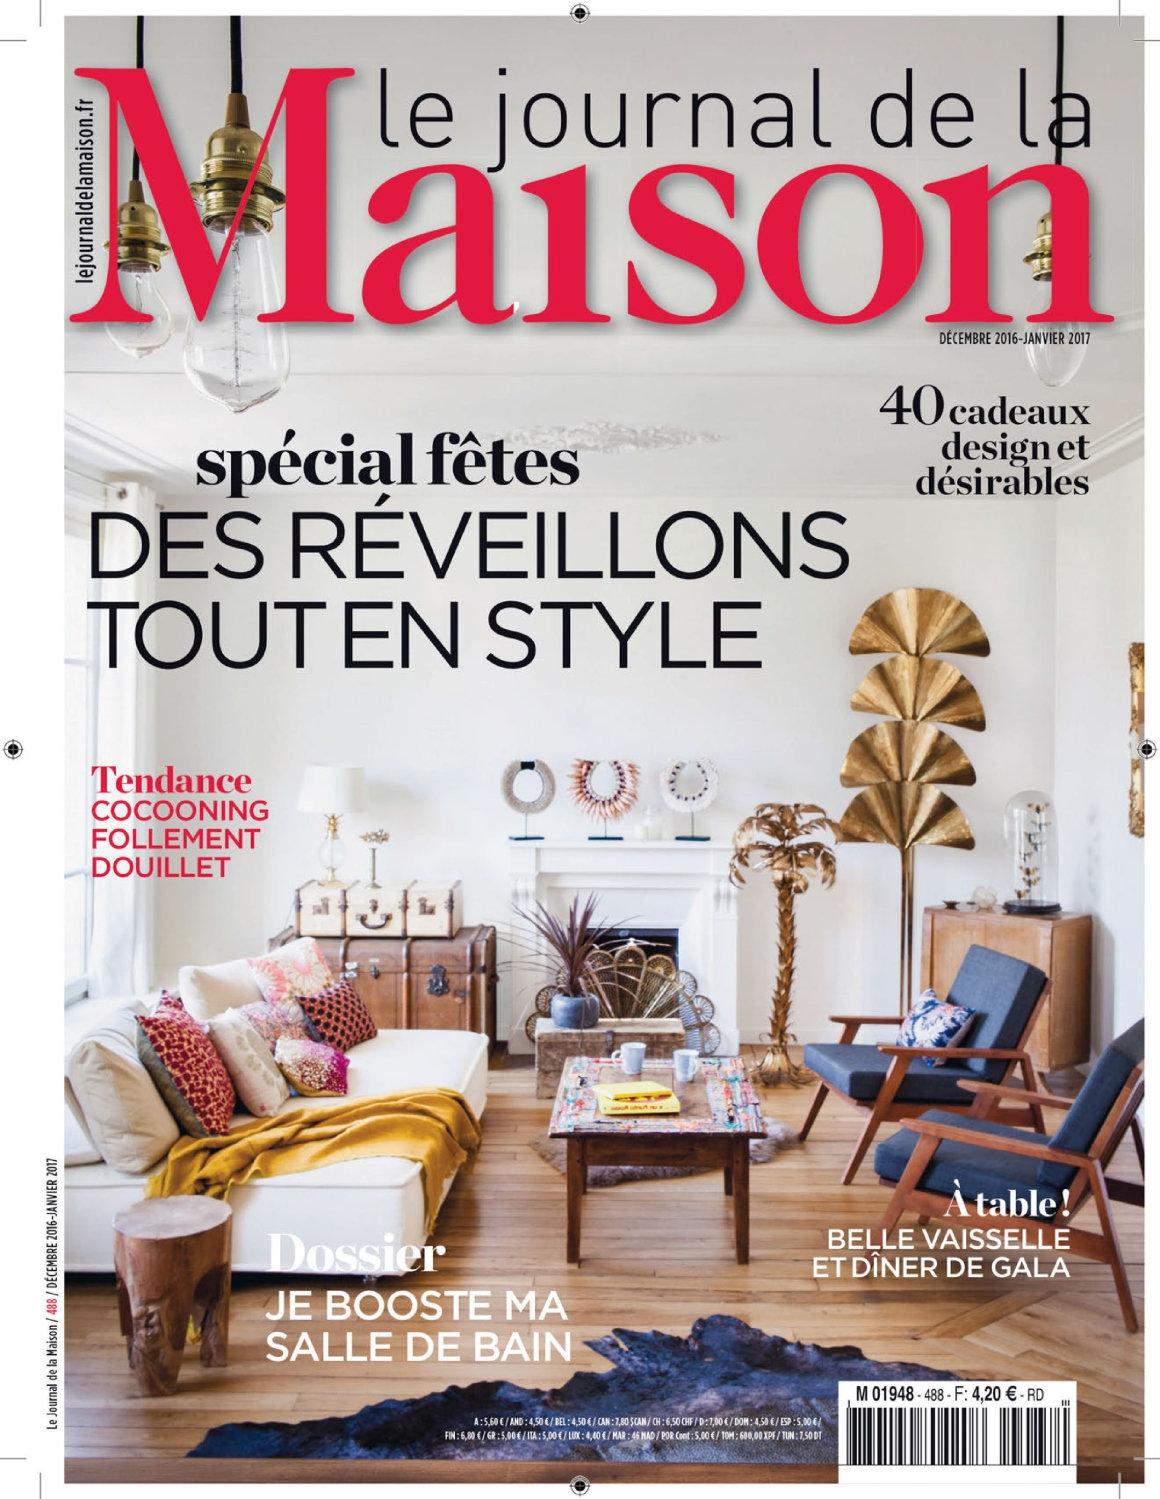 Le Journal de la Maison N°488 - Décembre 2016 / Janvier 2017